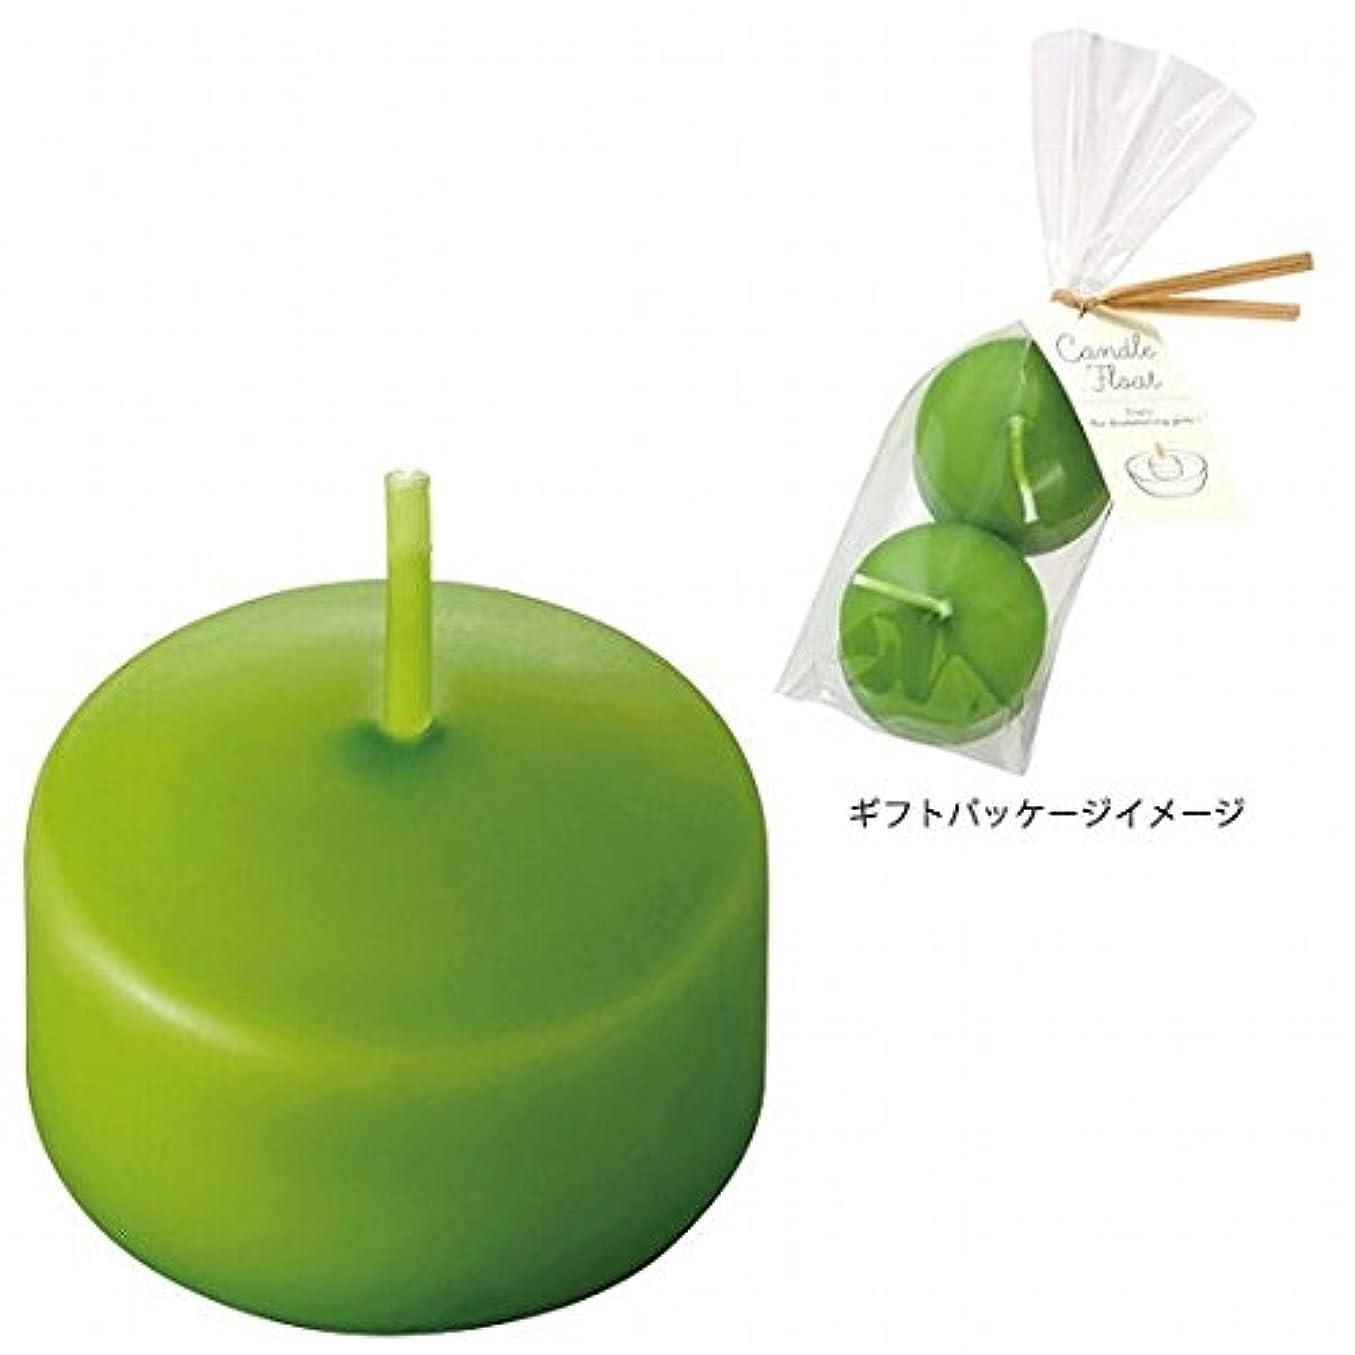 広げる始める私のカメヤマキャンドル(kameyama candle) ハッピープール(2個入り) キャンドル 「オリーブ」